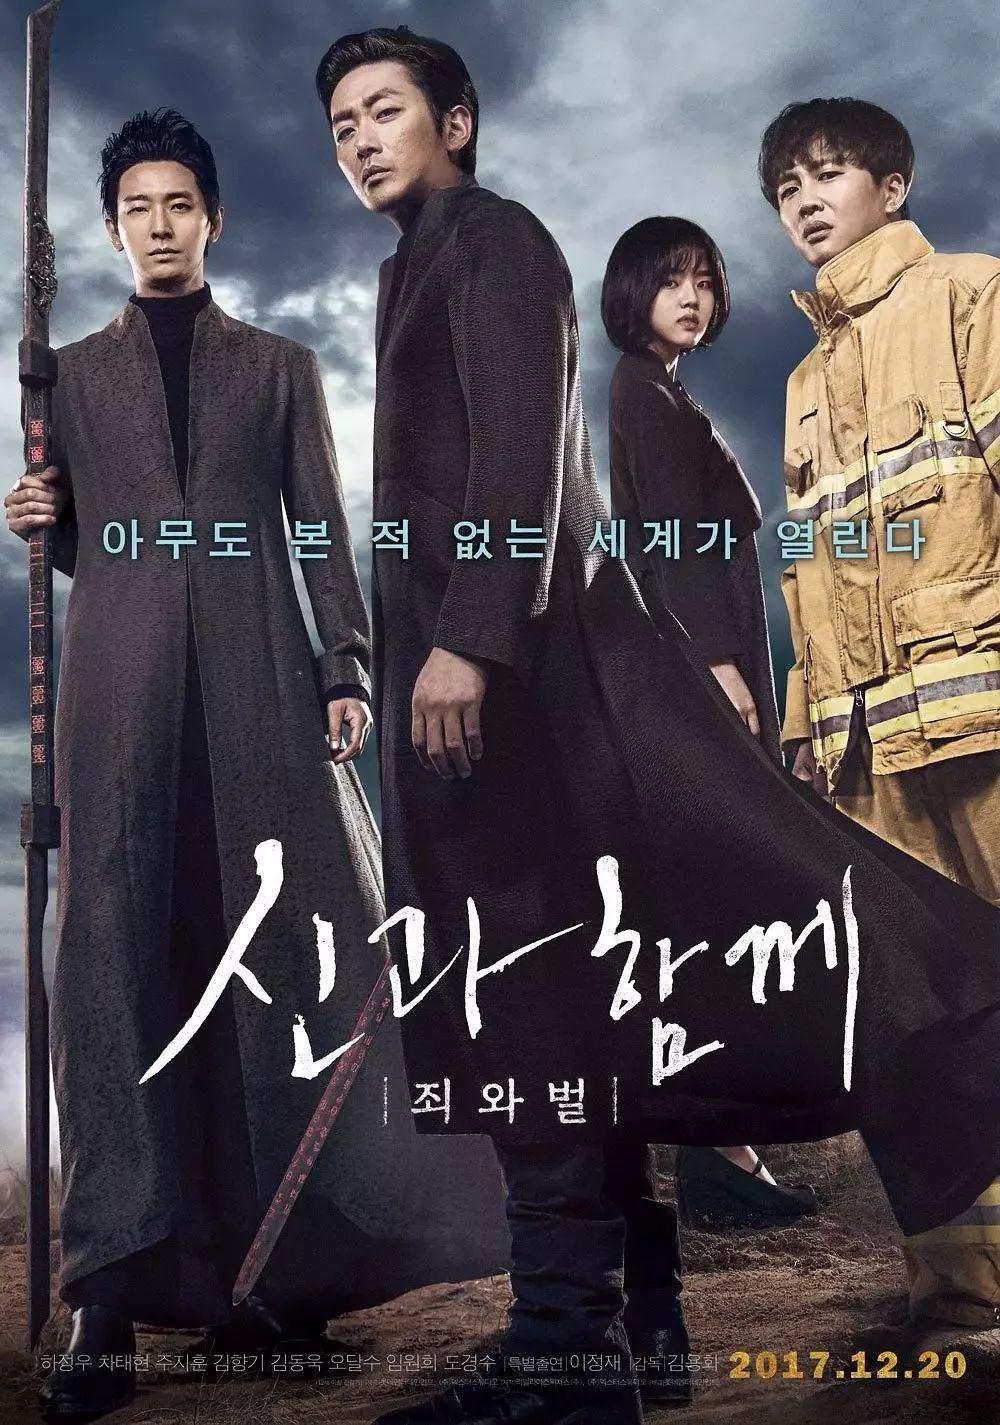 韩国电影比冬奥会还拙劣,史上第二高票房原